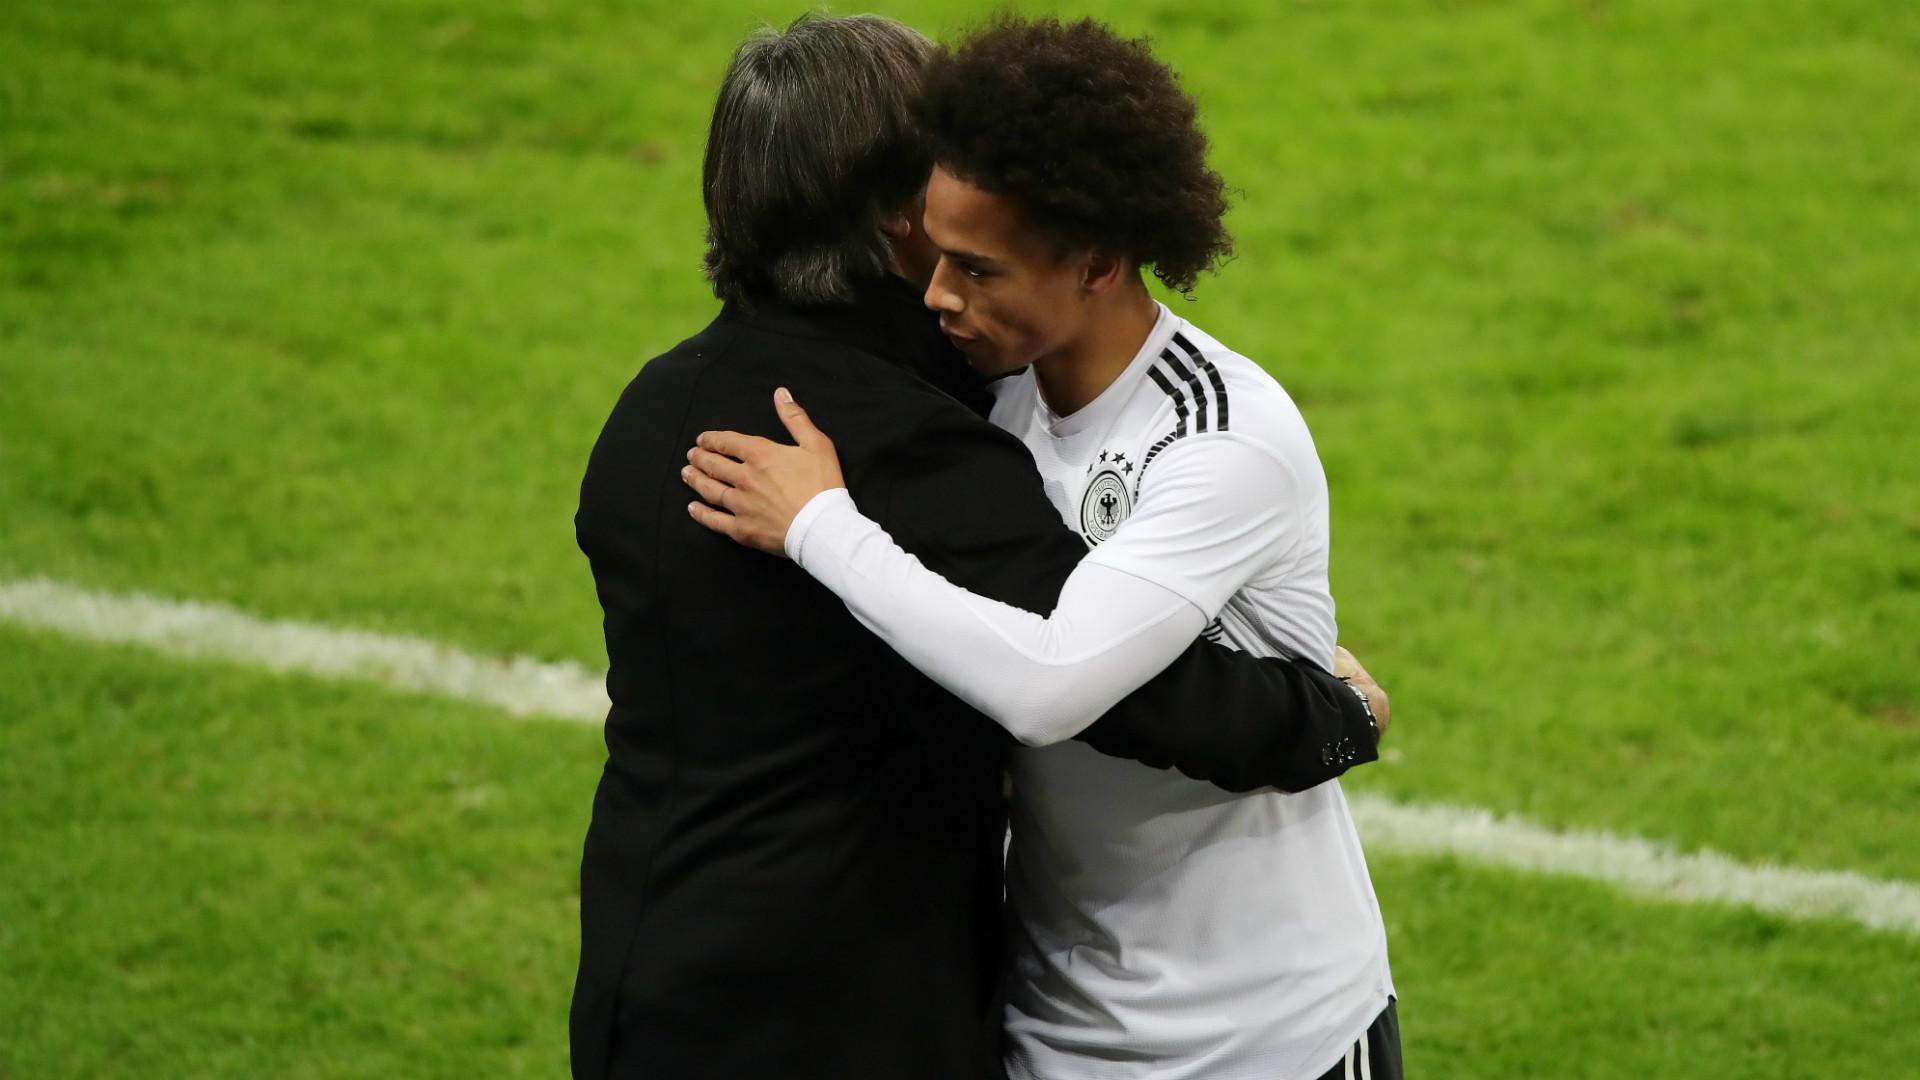 """Allemagne - Löw sur la blessure de Sané : """"C'était le pire moment possible dans sa situation"""""""